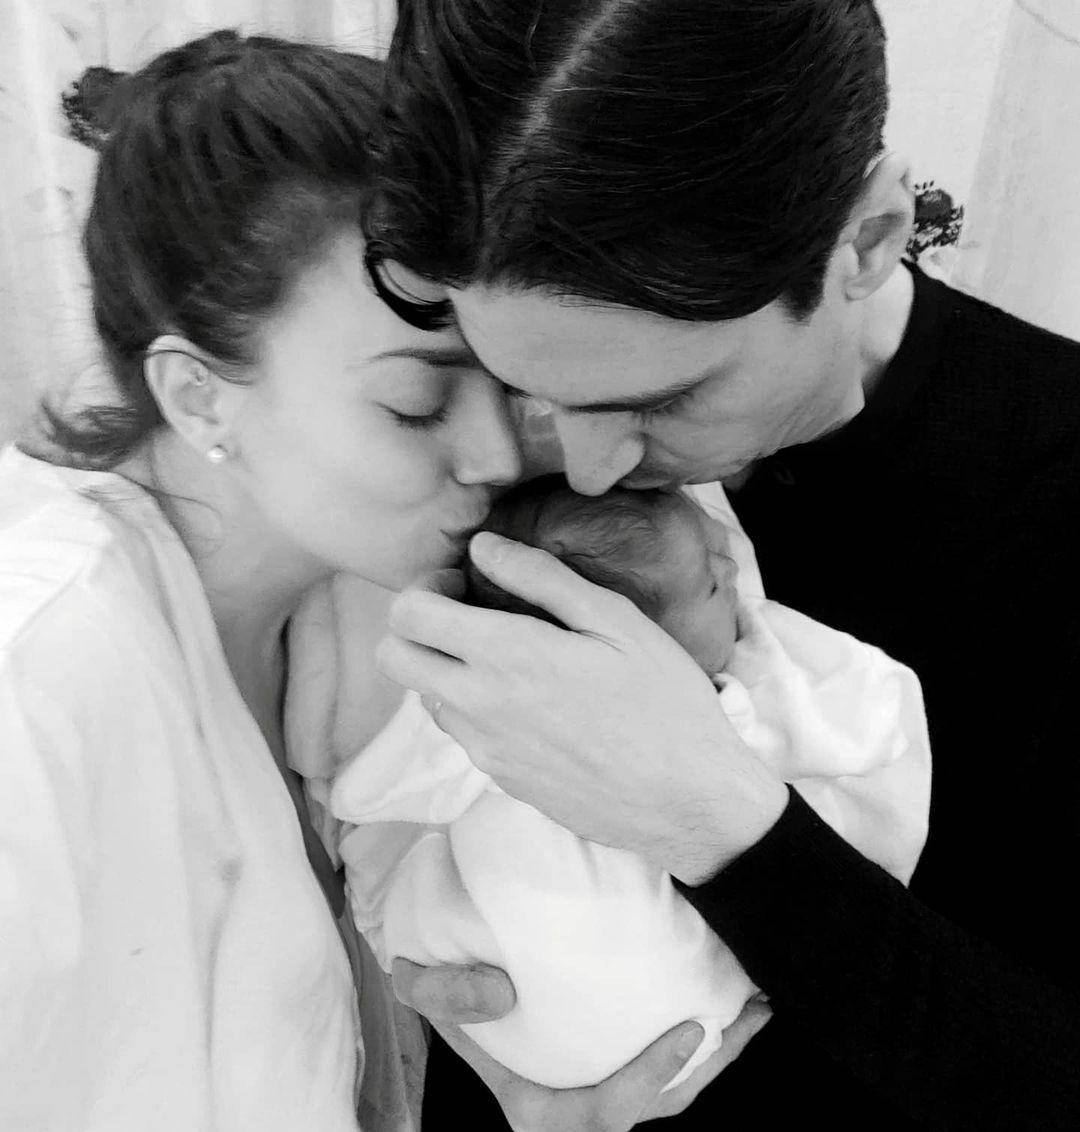 Κρυσταλλία: Η πρώτη οικογενειακή φωτογραφία με τον νεογέννητο γιο της είναι απλά υπέροχη!